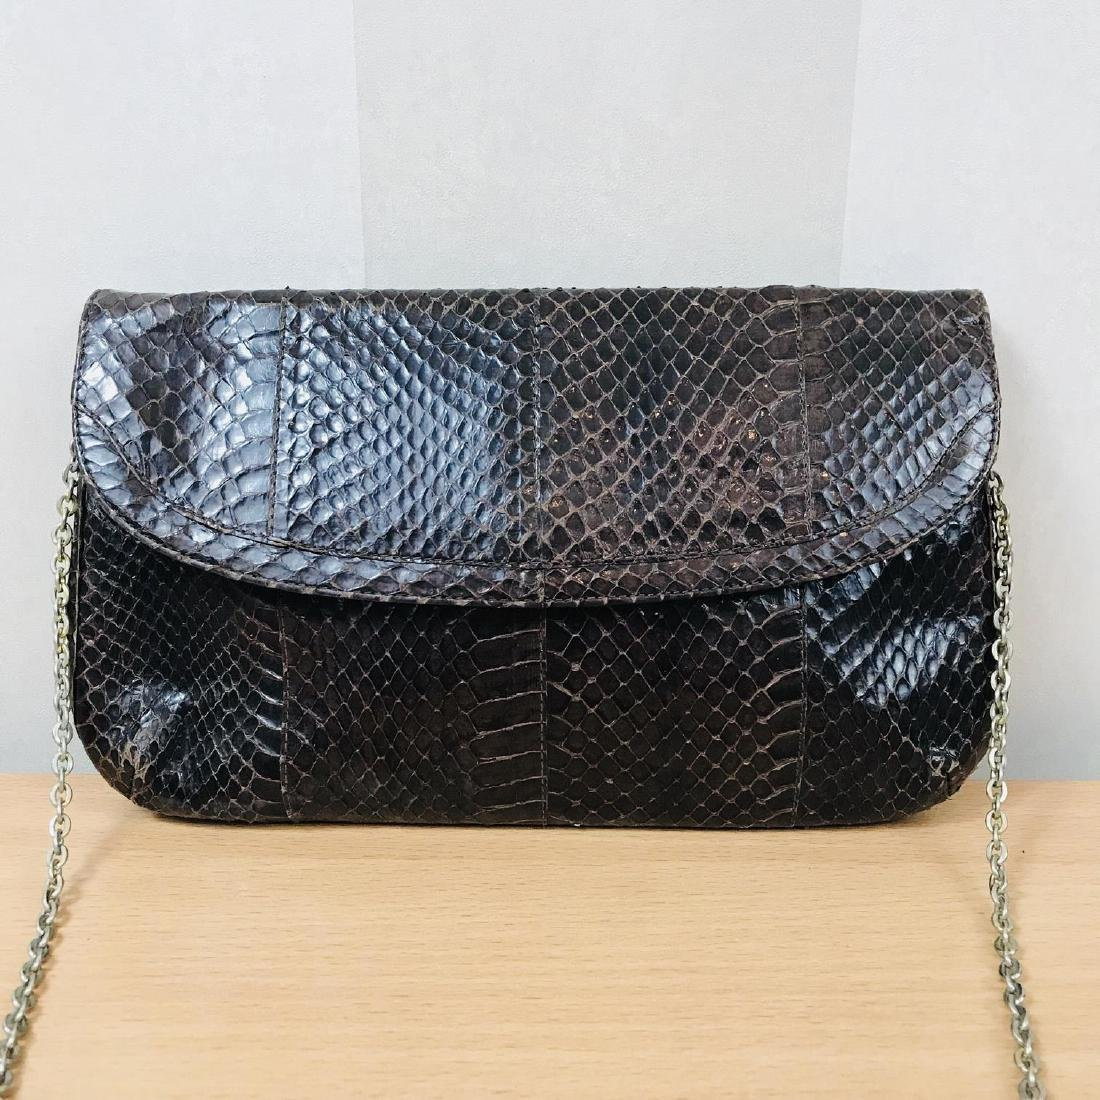 Vintage Brown Snakeskin Leather Clutch Bag - 2